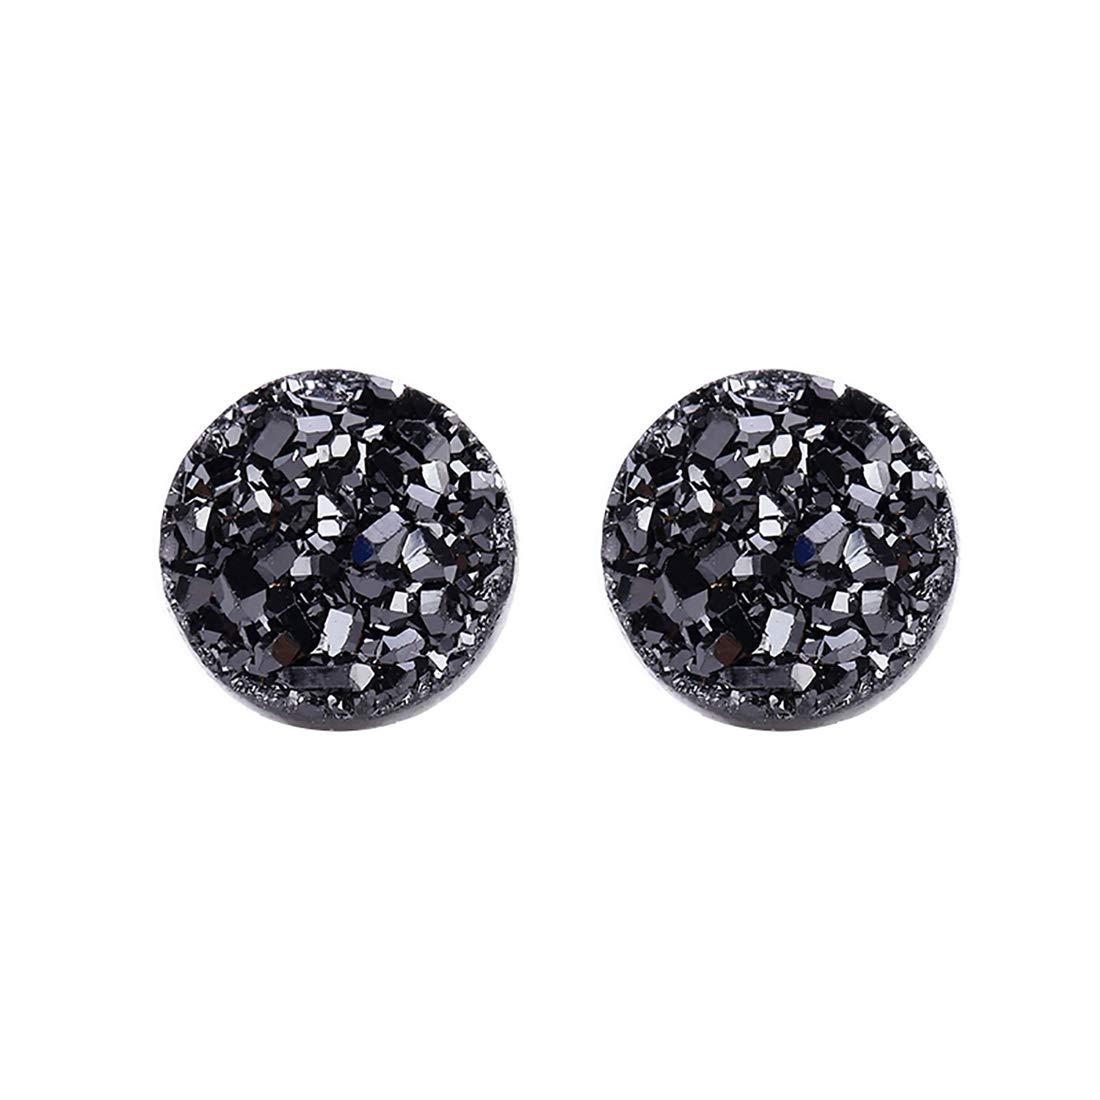 Sterling Silver 10mm Black Natural Druzy Crystal Stud Earrings